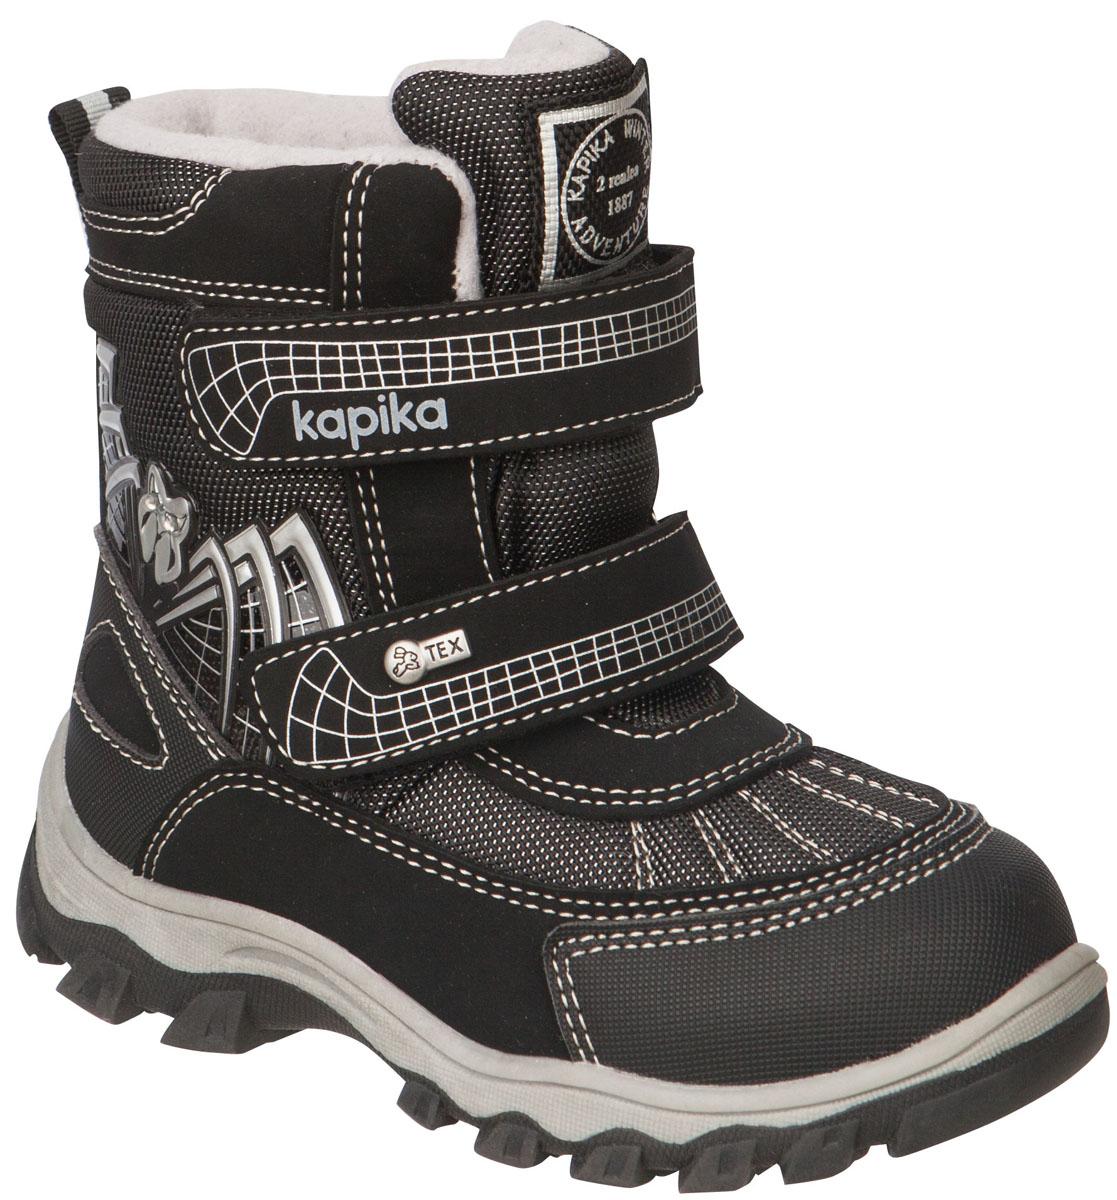 Ботинки для мальчика Kapika, цвет: черный. 41170-1. Размер 2541170-1Легкие, удобные и теплые ботинки от Kapika выполнены из мембранных материалов и искусственной кожи. Два ремешка на застежках-липучках надежно фиксируют изделие на ноге. Мягкая подкладка и стелька из шерсти обеспечивают тепло, циркуляцию воздуха и сохраняют комфортный микроклимат в обуви. Подошва с протектором гарантирует идеальное сцепление с любыми поверхностями.Идеальная зимняя обувь для активных детей и подростков. Модель большемерит на 1 размер.